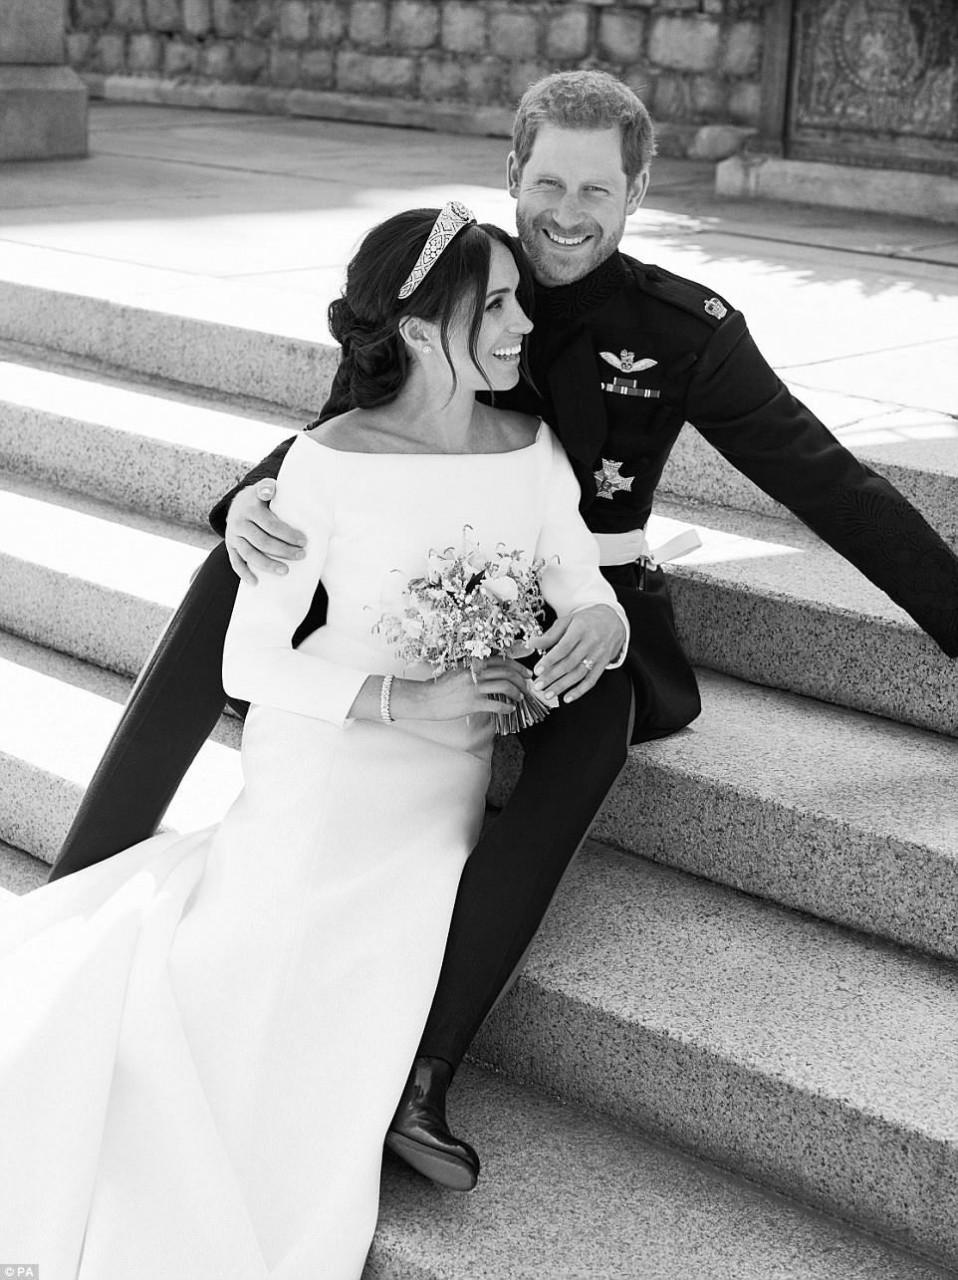 Принц Гарри и Меган выставили официальные снимки с церемонии свадьбы. Восхитительная пара!